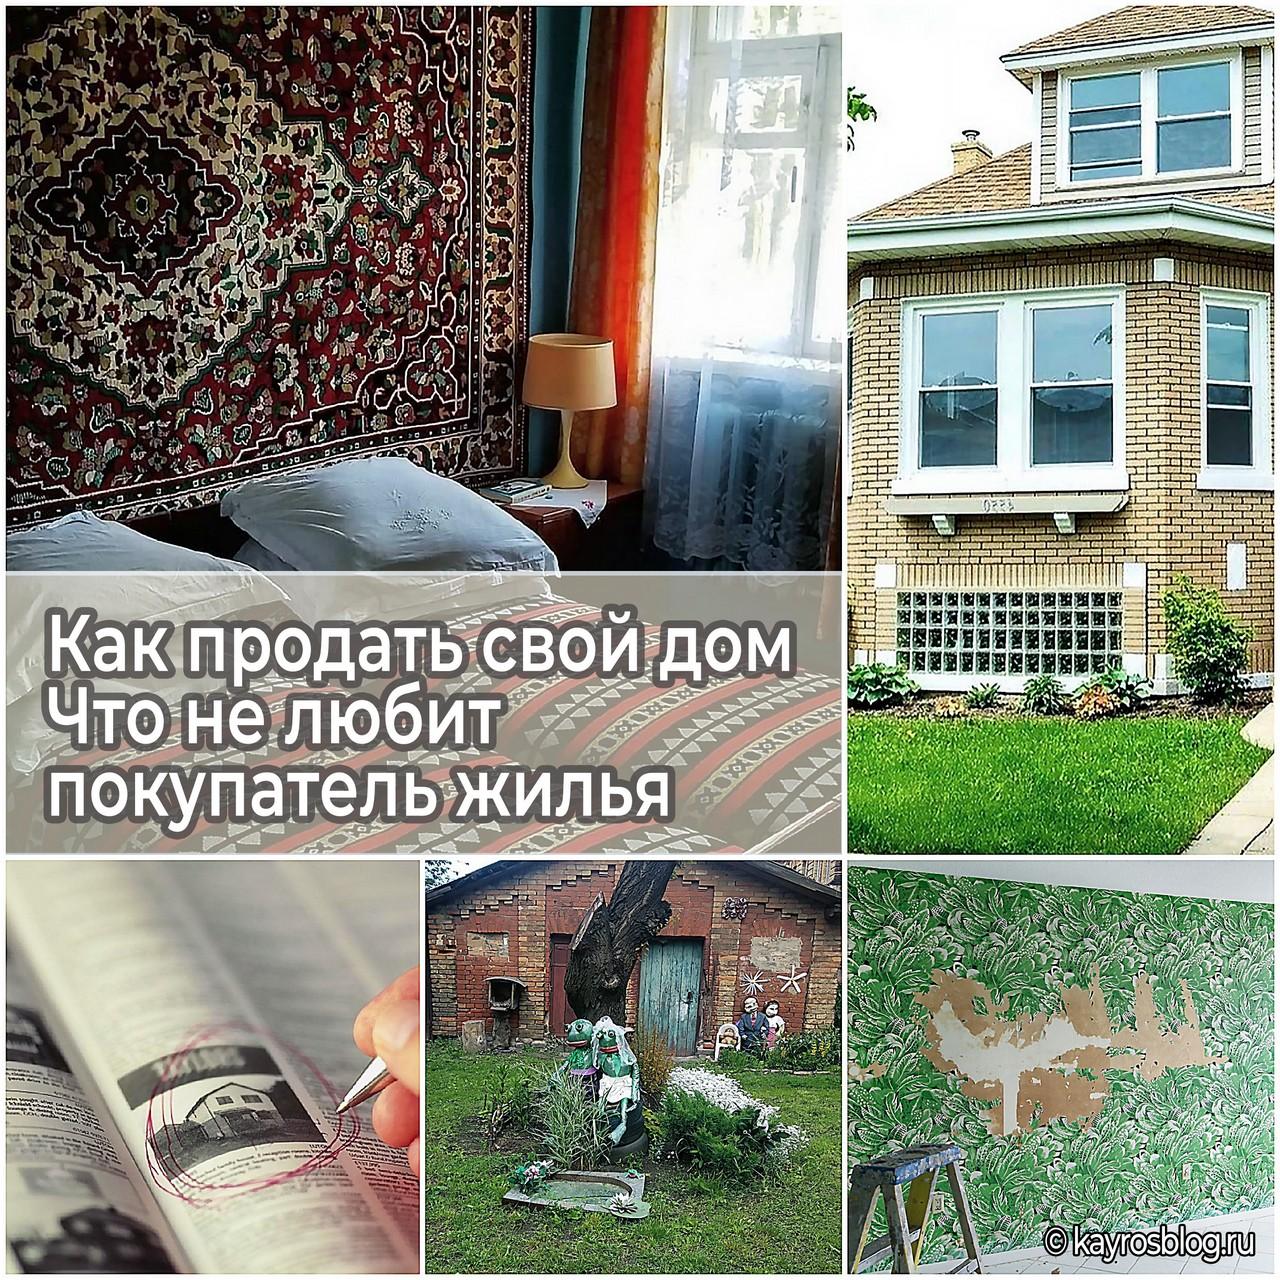 Как продать свой дом - что не любит покупатель жилья